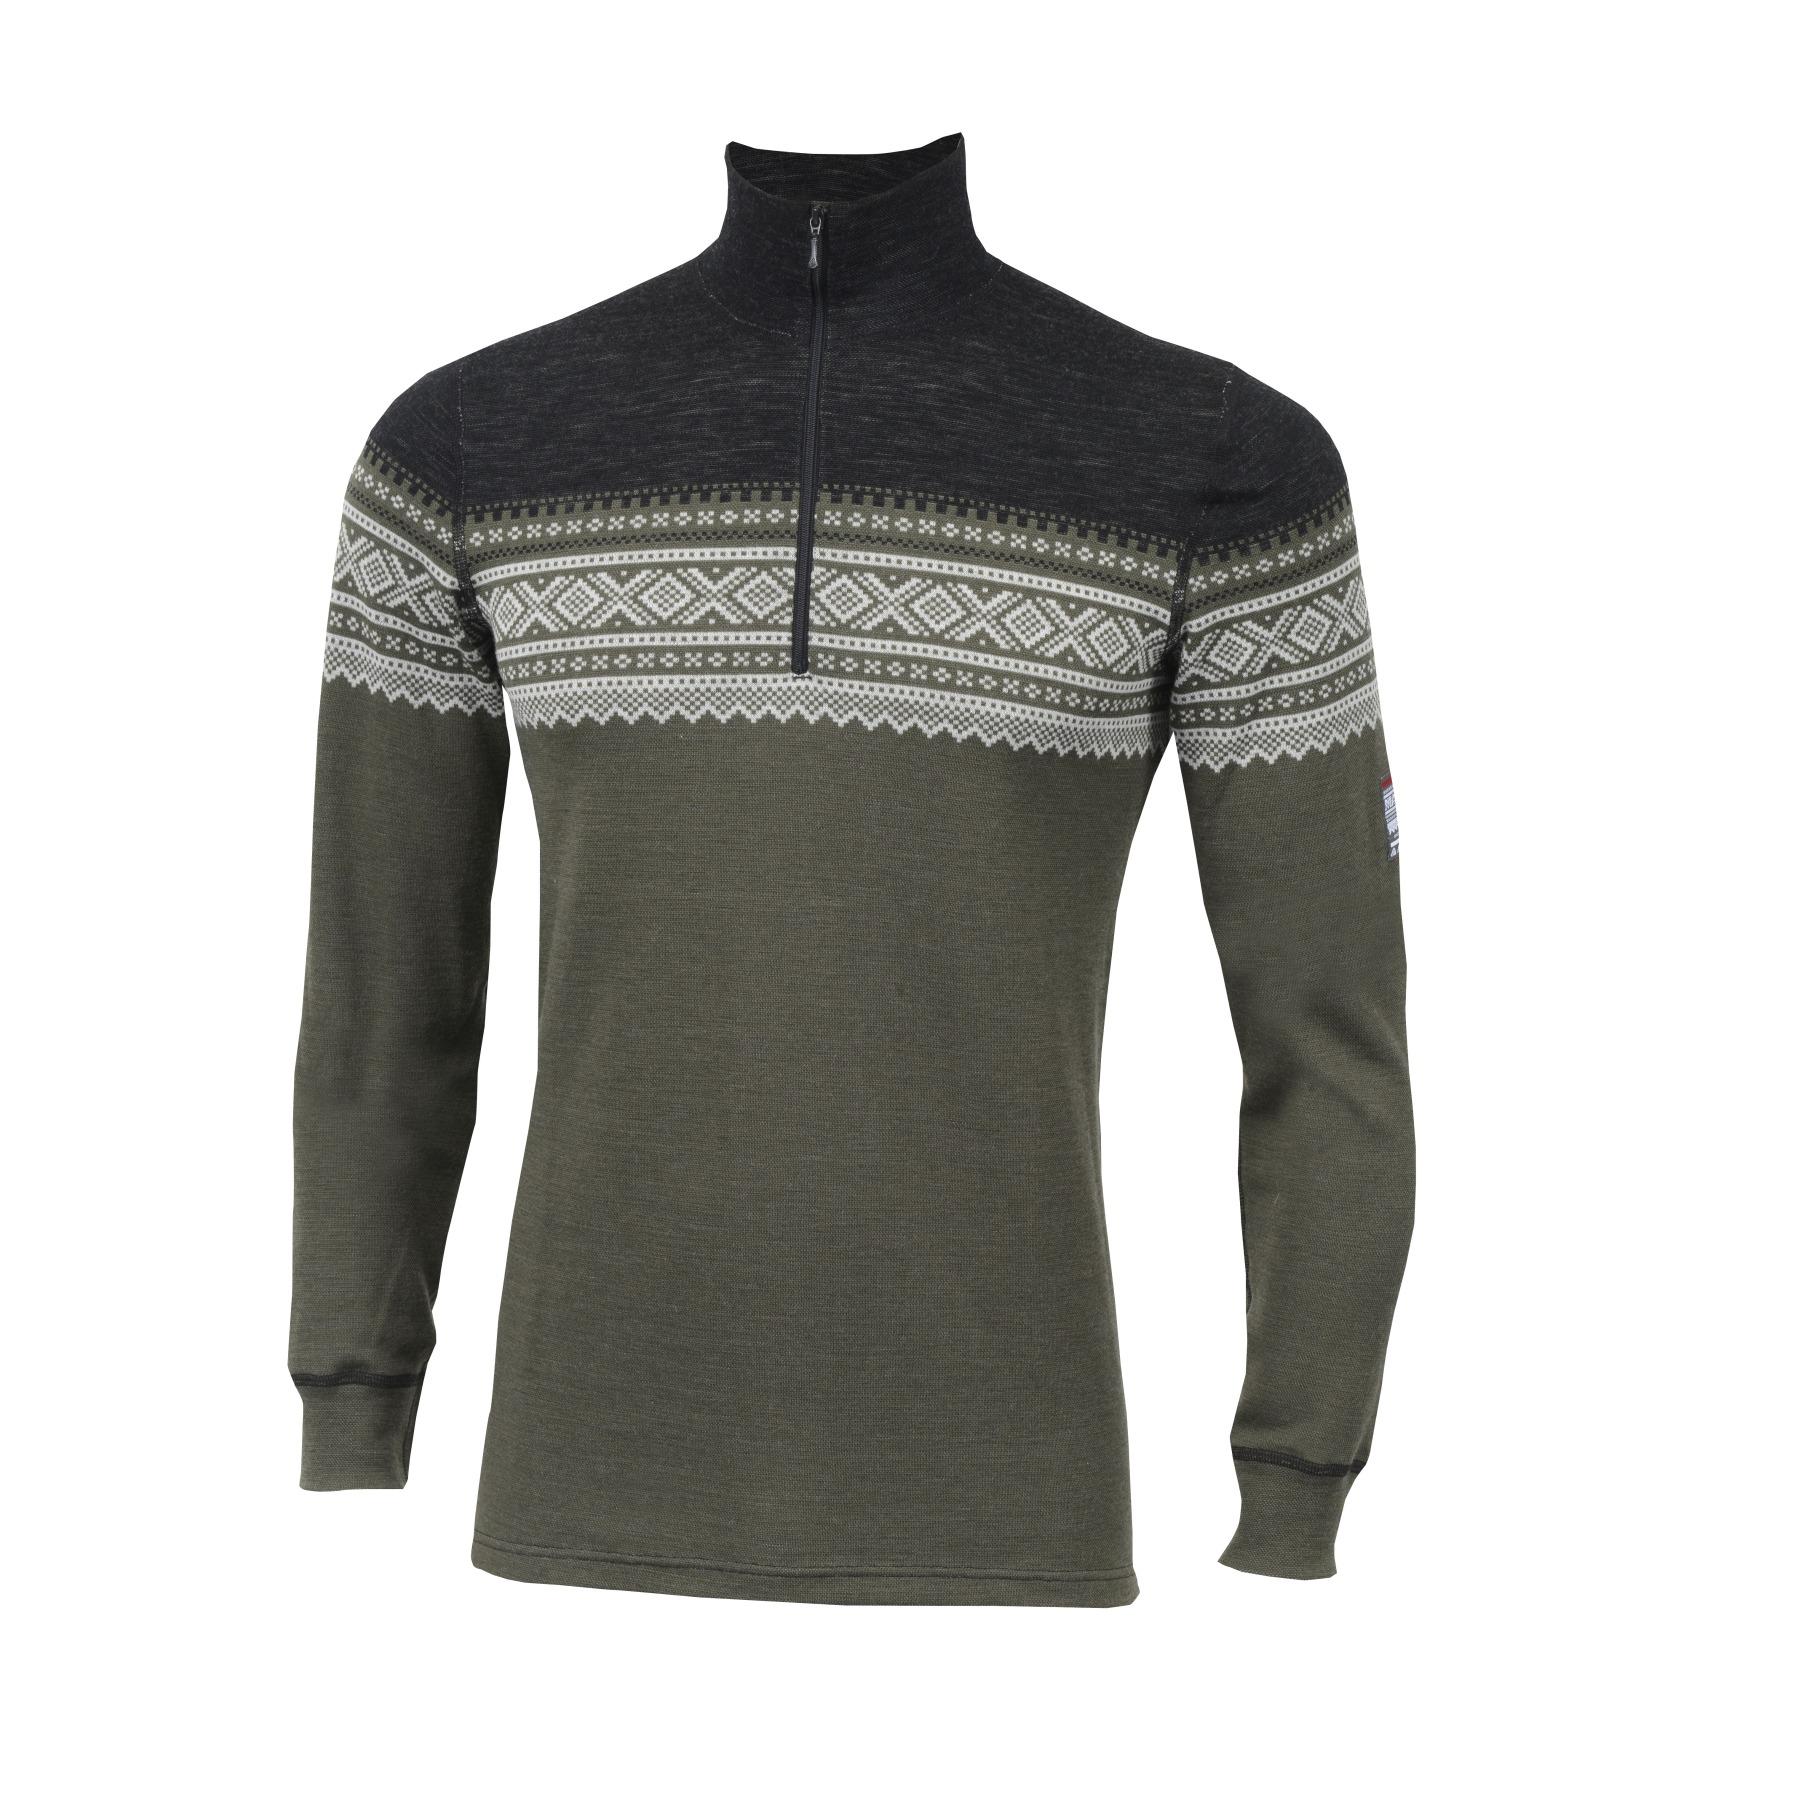 Image of Aclima Designwool Marius Mock Neck Longsleeve Shirt with Zip - nordmarka